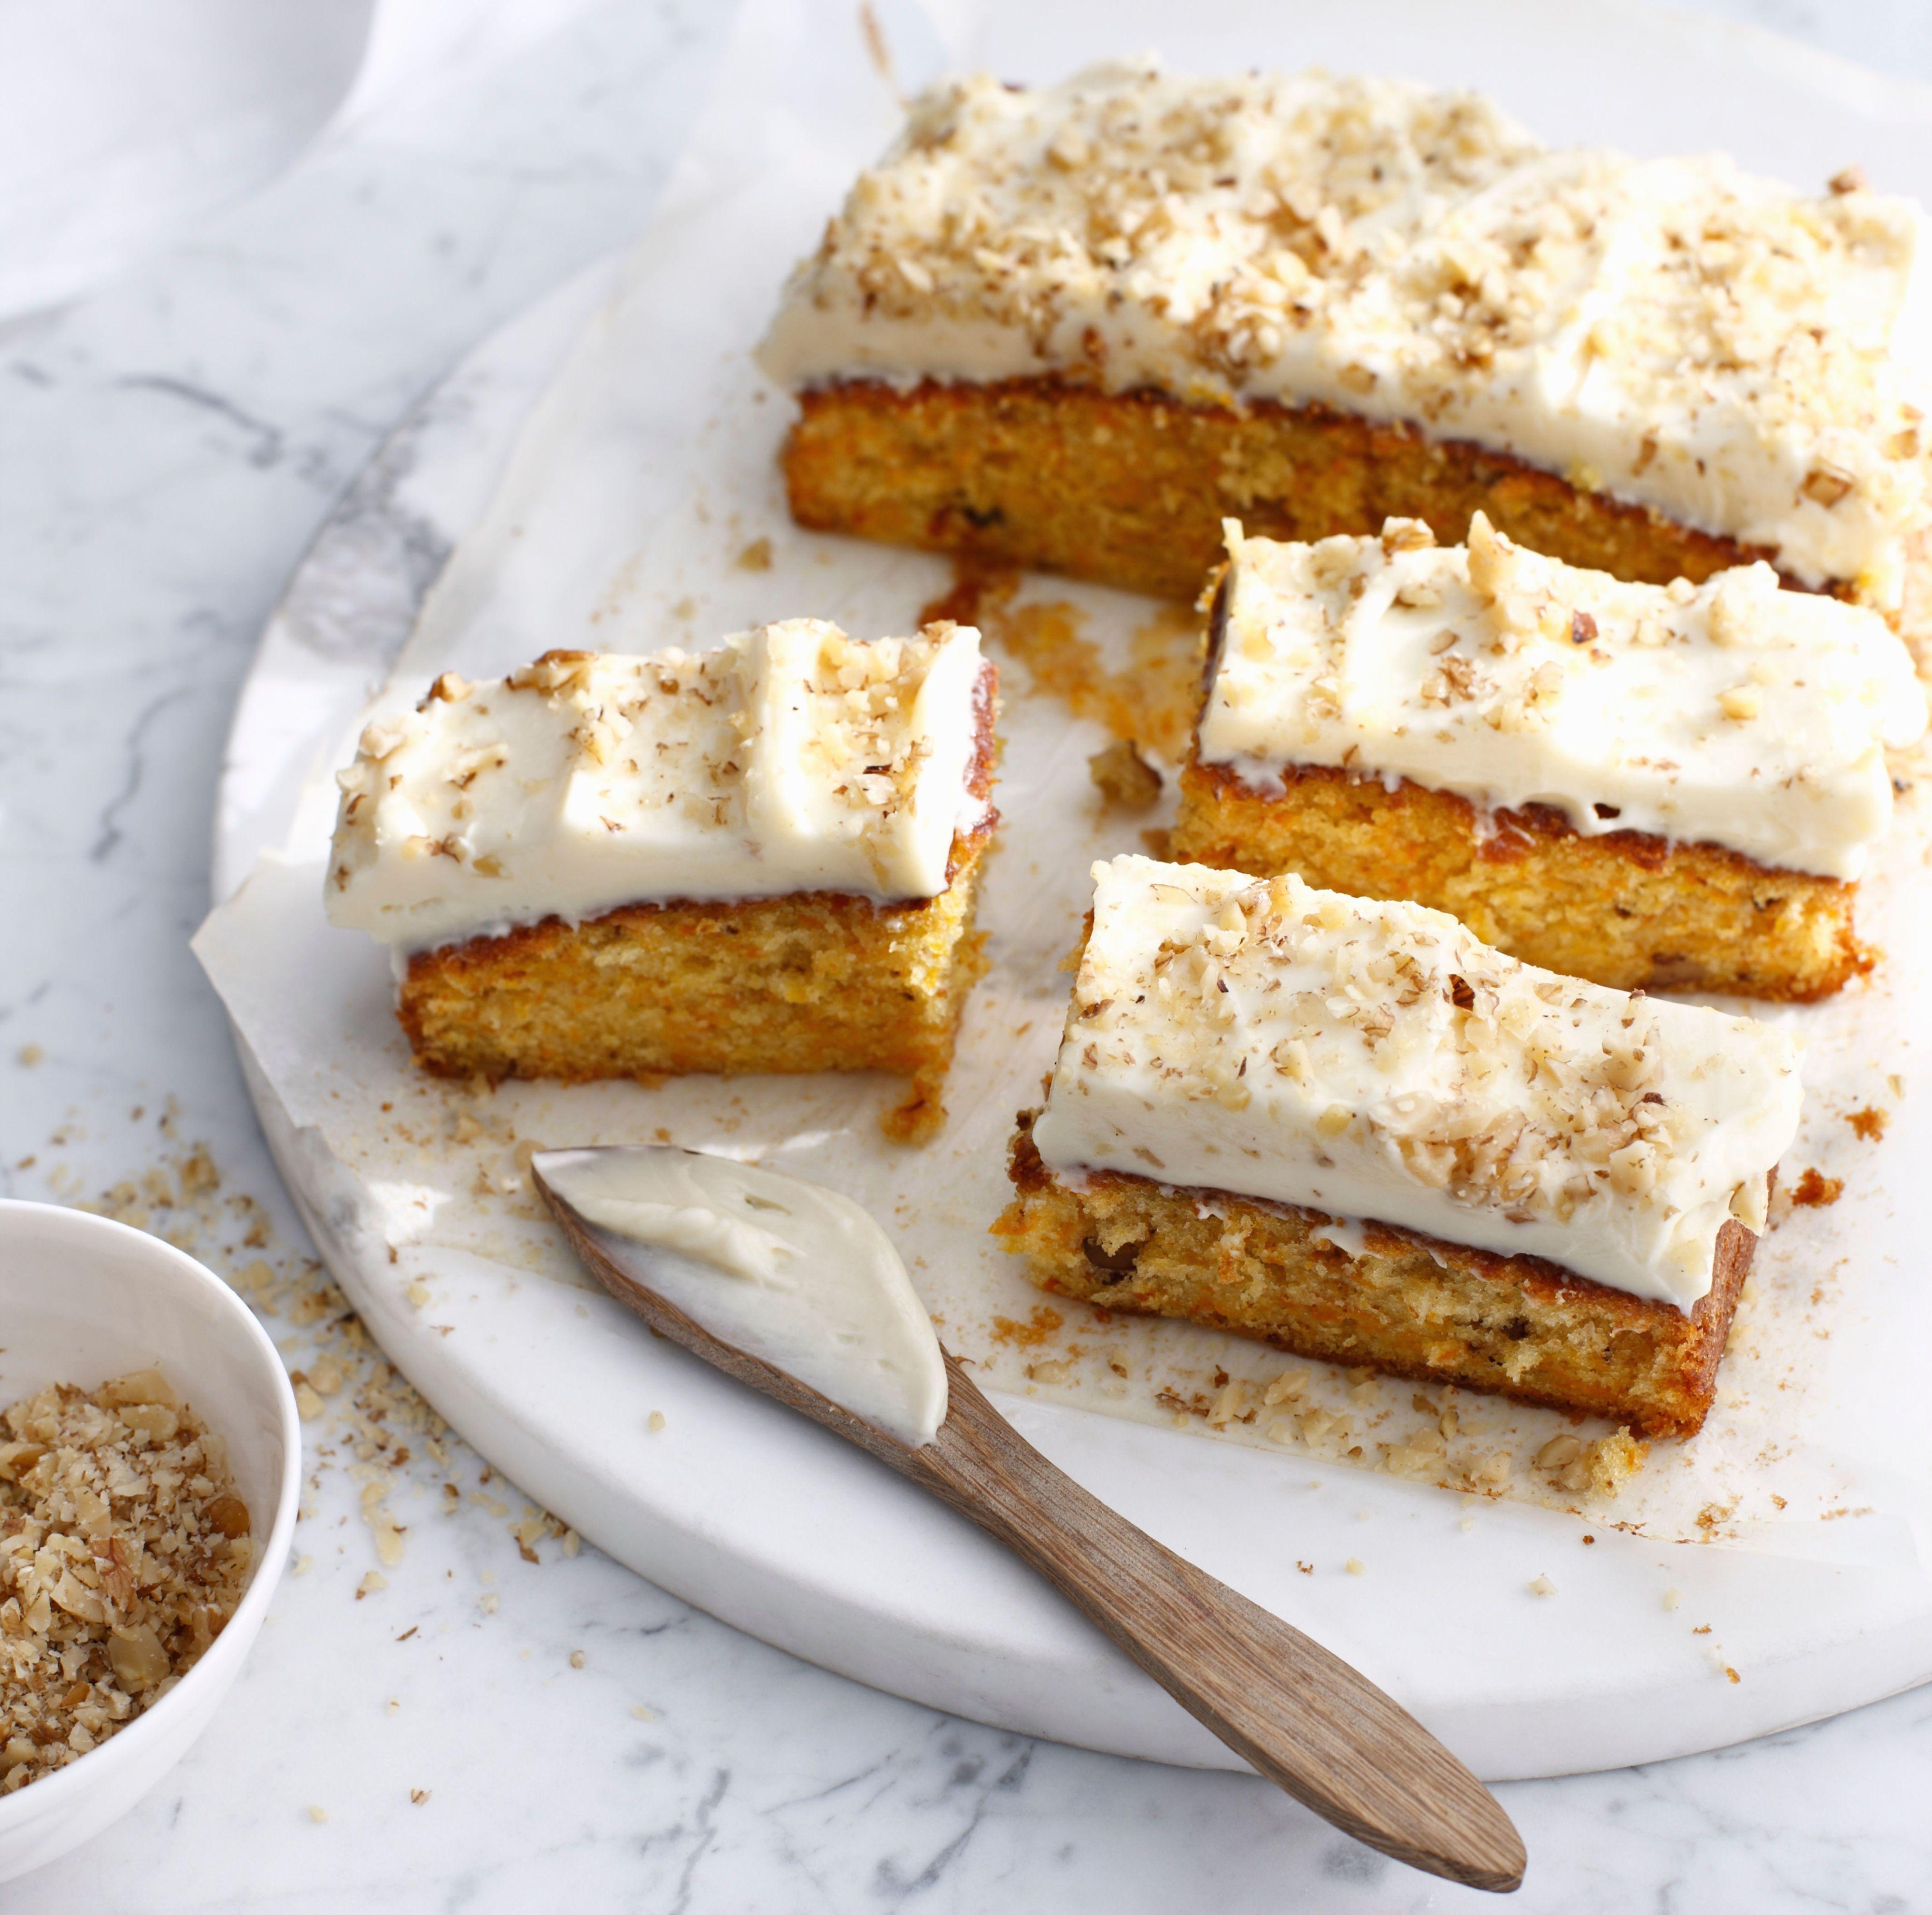 Fluffy Carrot Cake